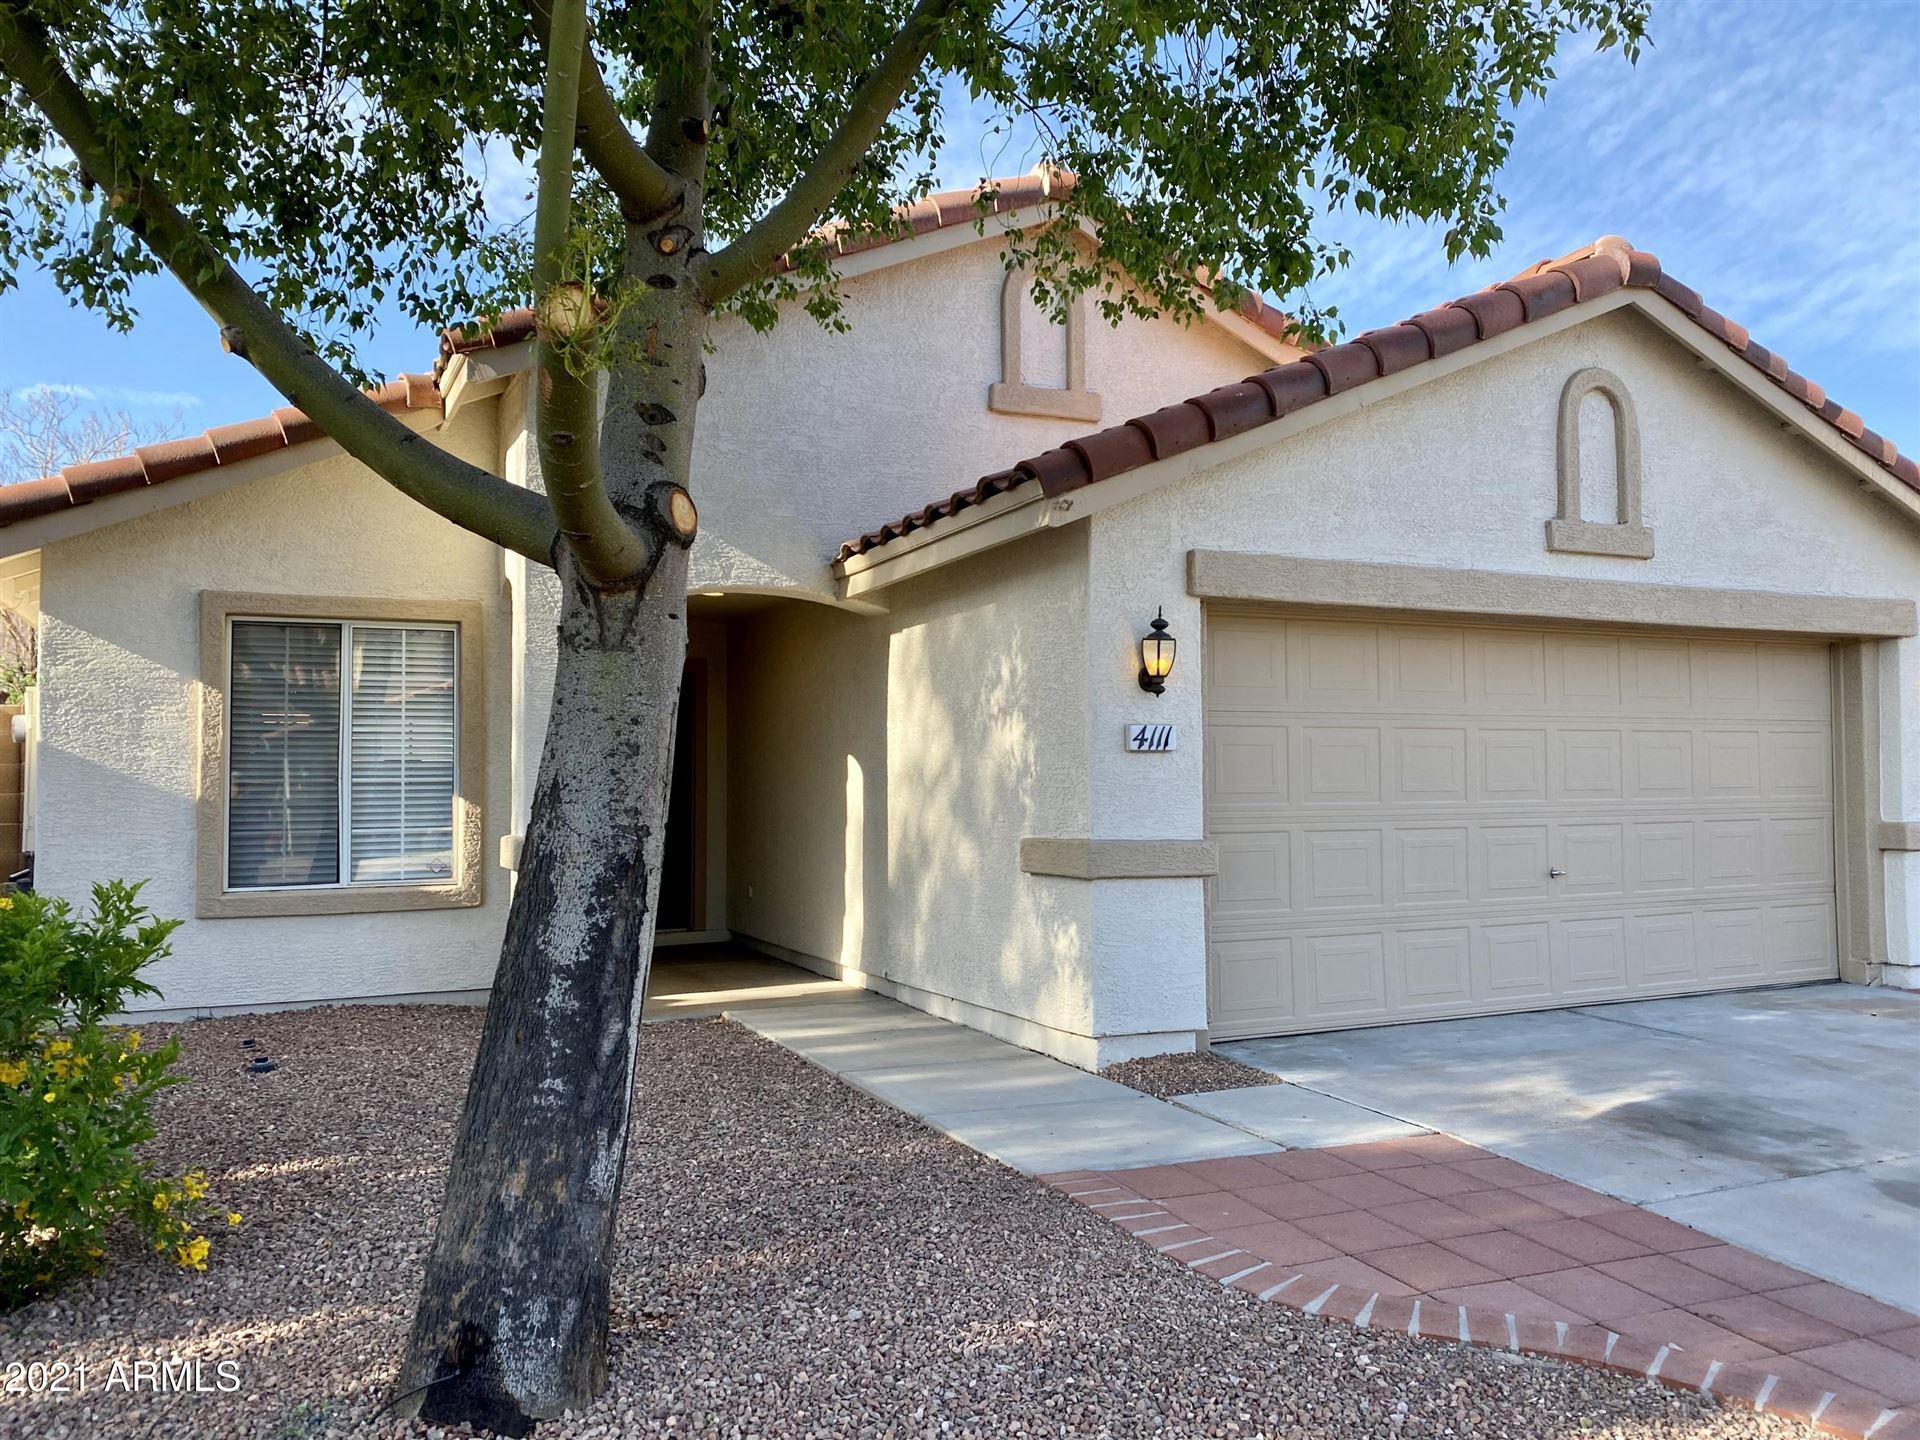 4111 W WETHERSFIELD Road, Phoenix, AZ 85029 - MLS#: 6231294